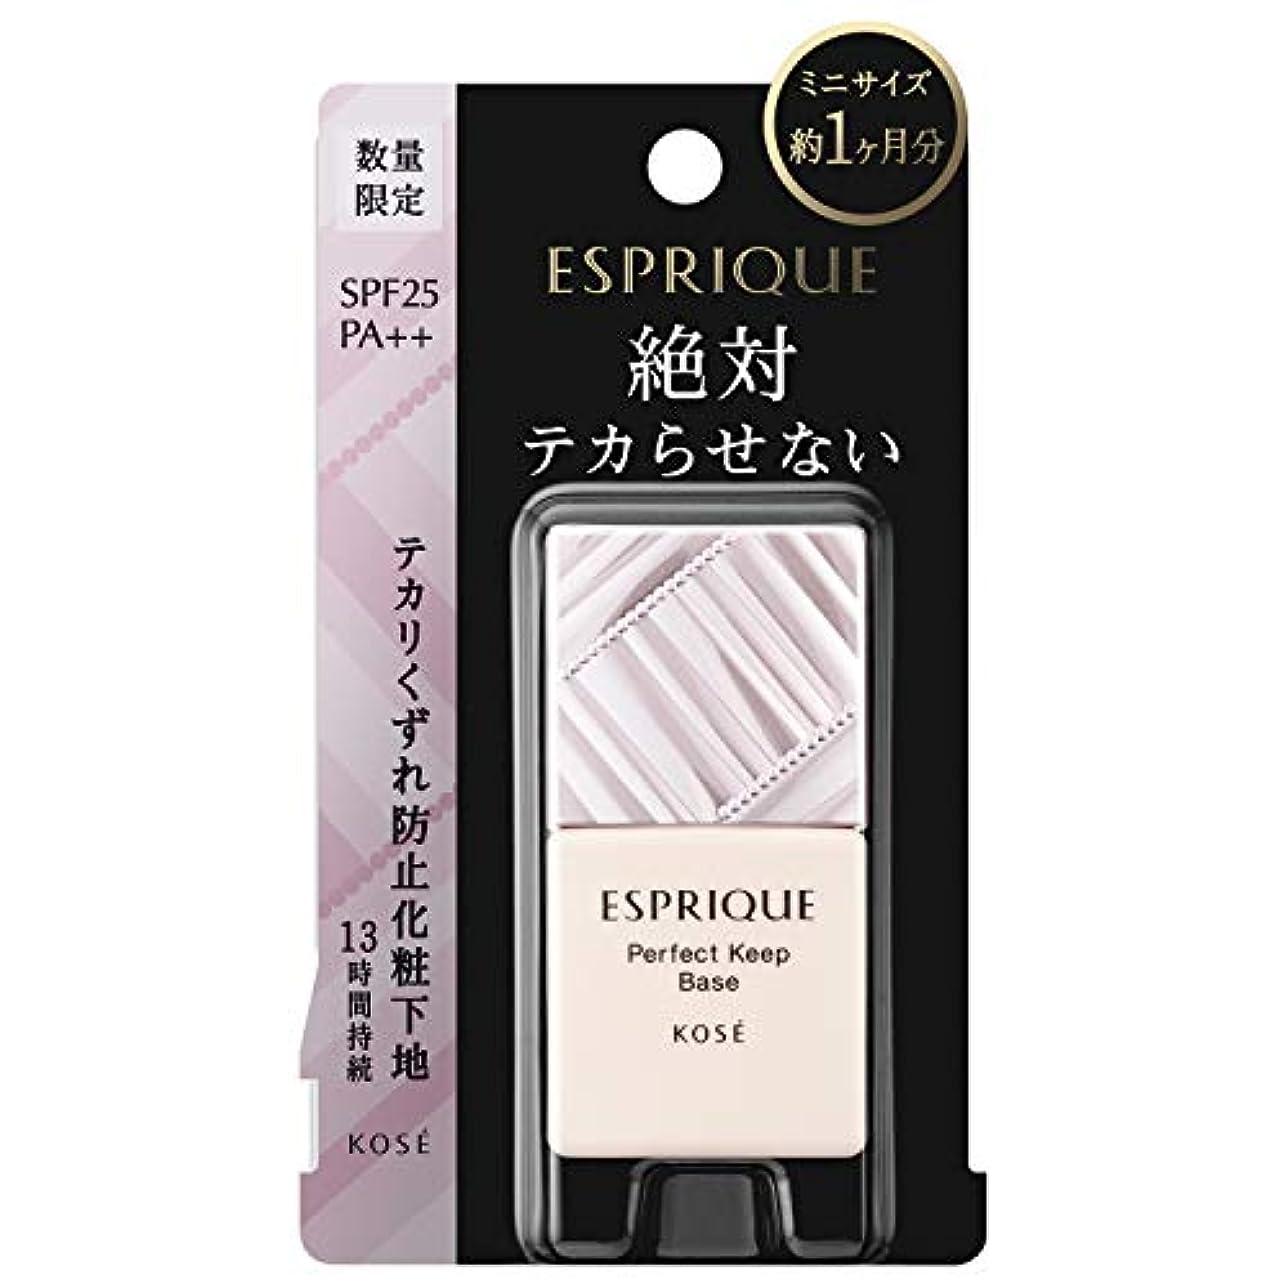 豆書き込み専門化するESPRIQUE(エスプリーク) エスプリーク パーフェクト キープ ベース 化粧下地 10g